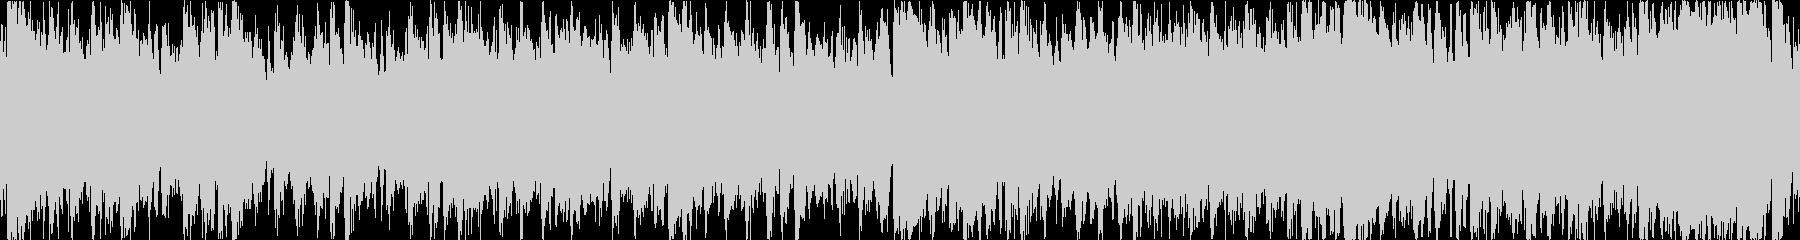 壮大なイメージのオーケストラのバトルル…の未再生の波形